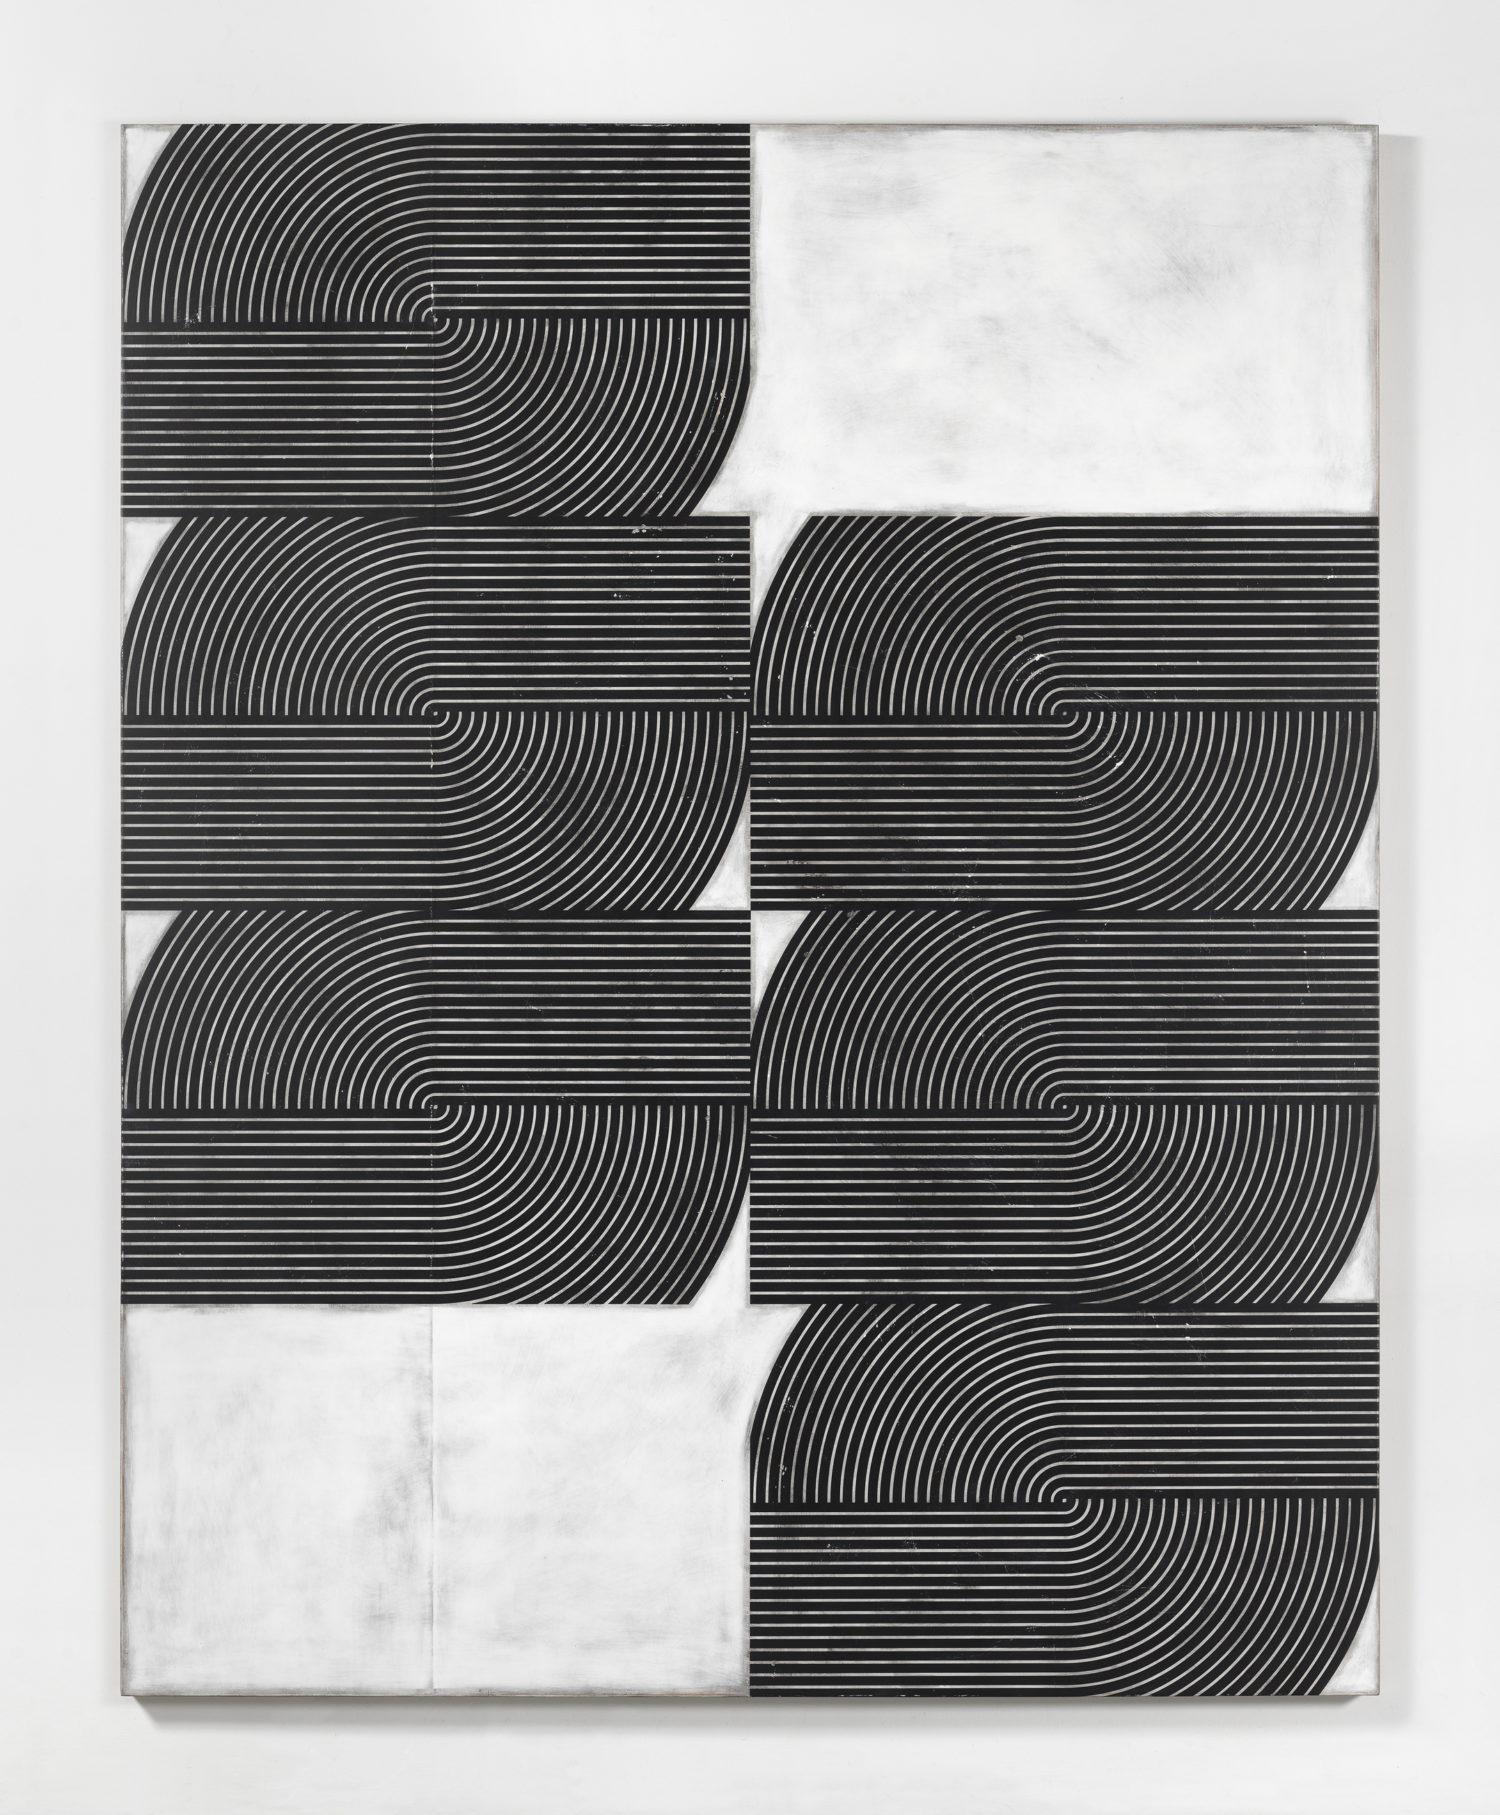 Luce Gallery ospita la personale dell'artista torinese Davide Balliano (1983)